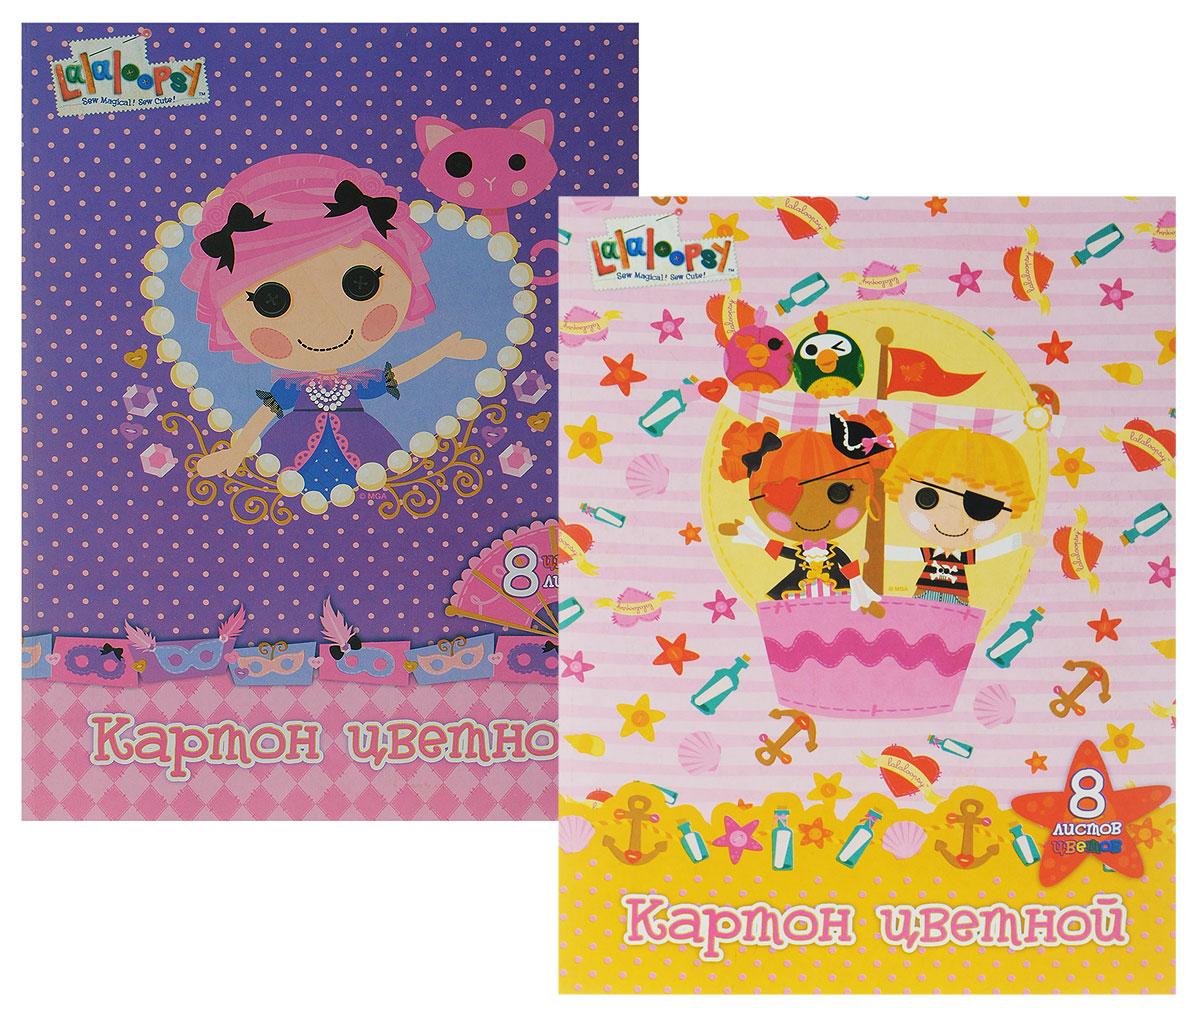 Action! Набор цветного картона Lalaloopsy цвет фиолетовый розовый 8 листов 2 шт